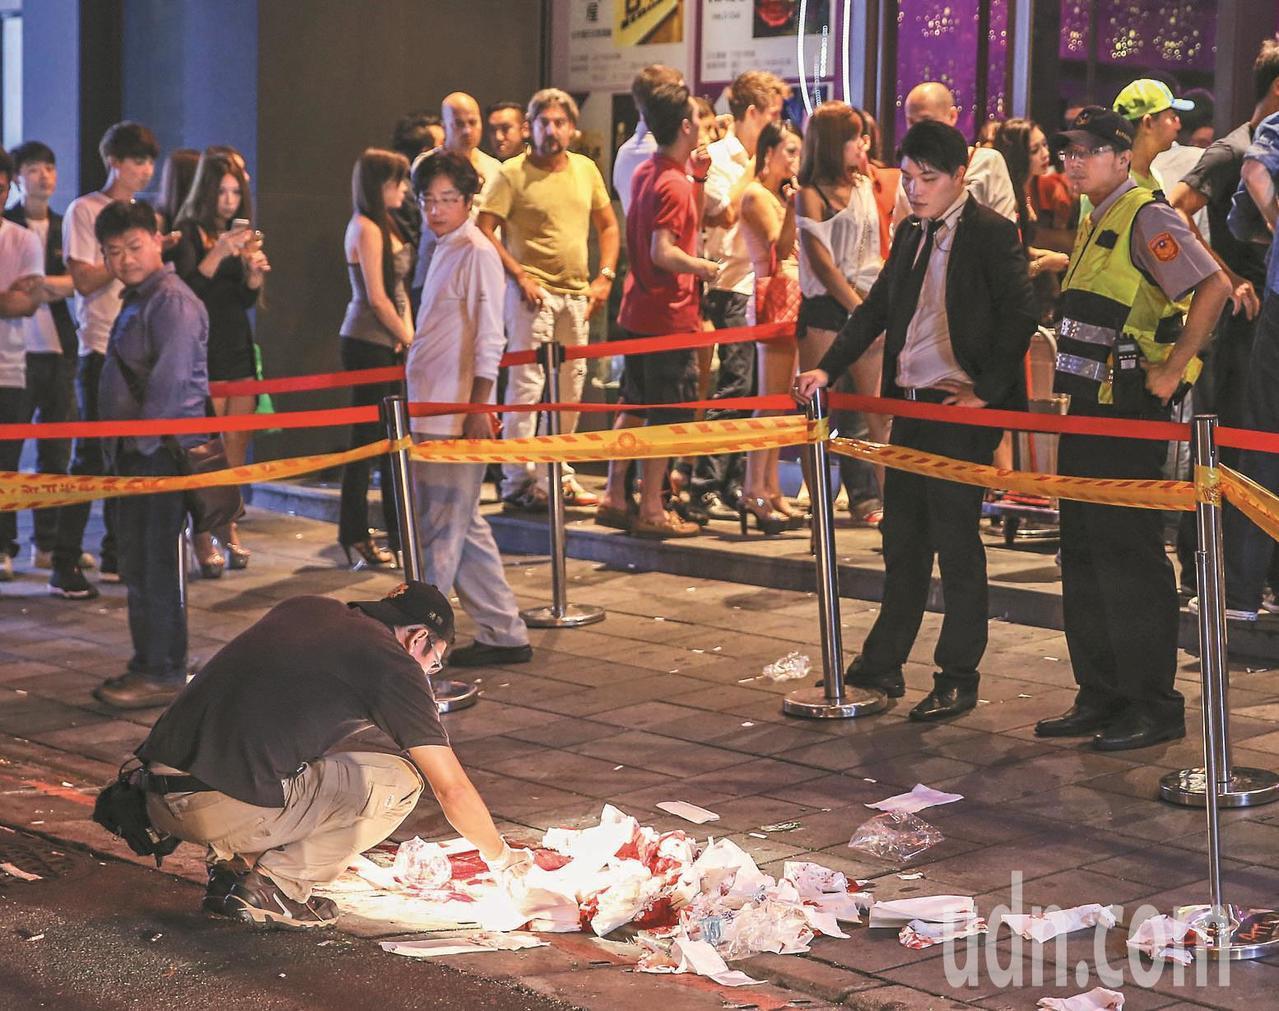 2014年9月14日發生在台北市信義區的夜店殺警案,造成員警薛貞國因公殉職。聯合...